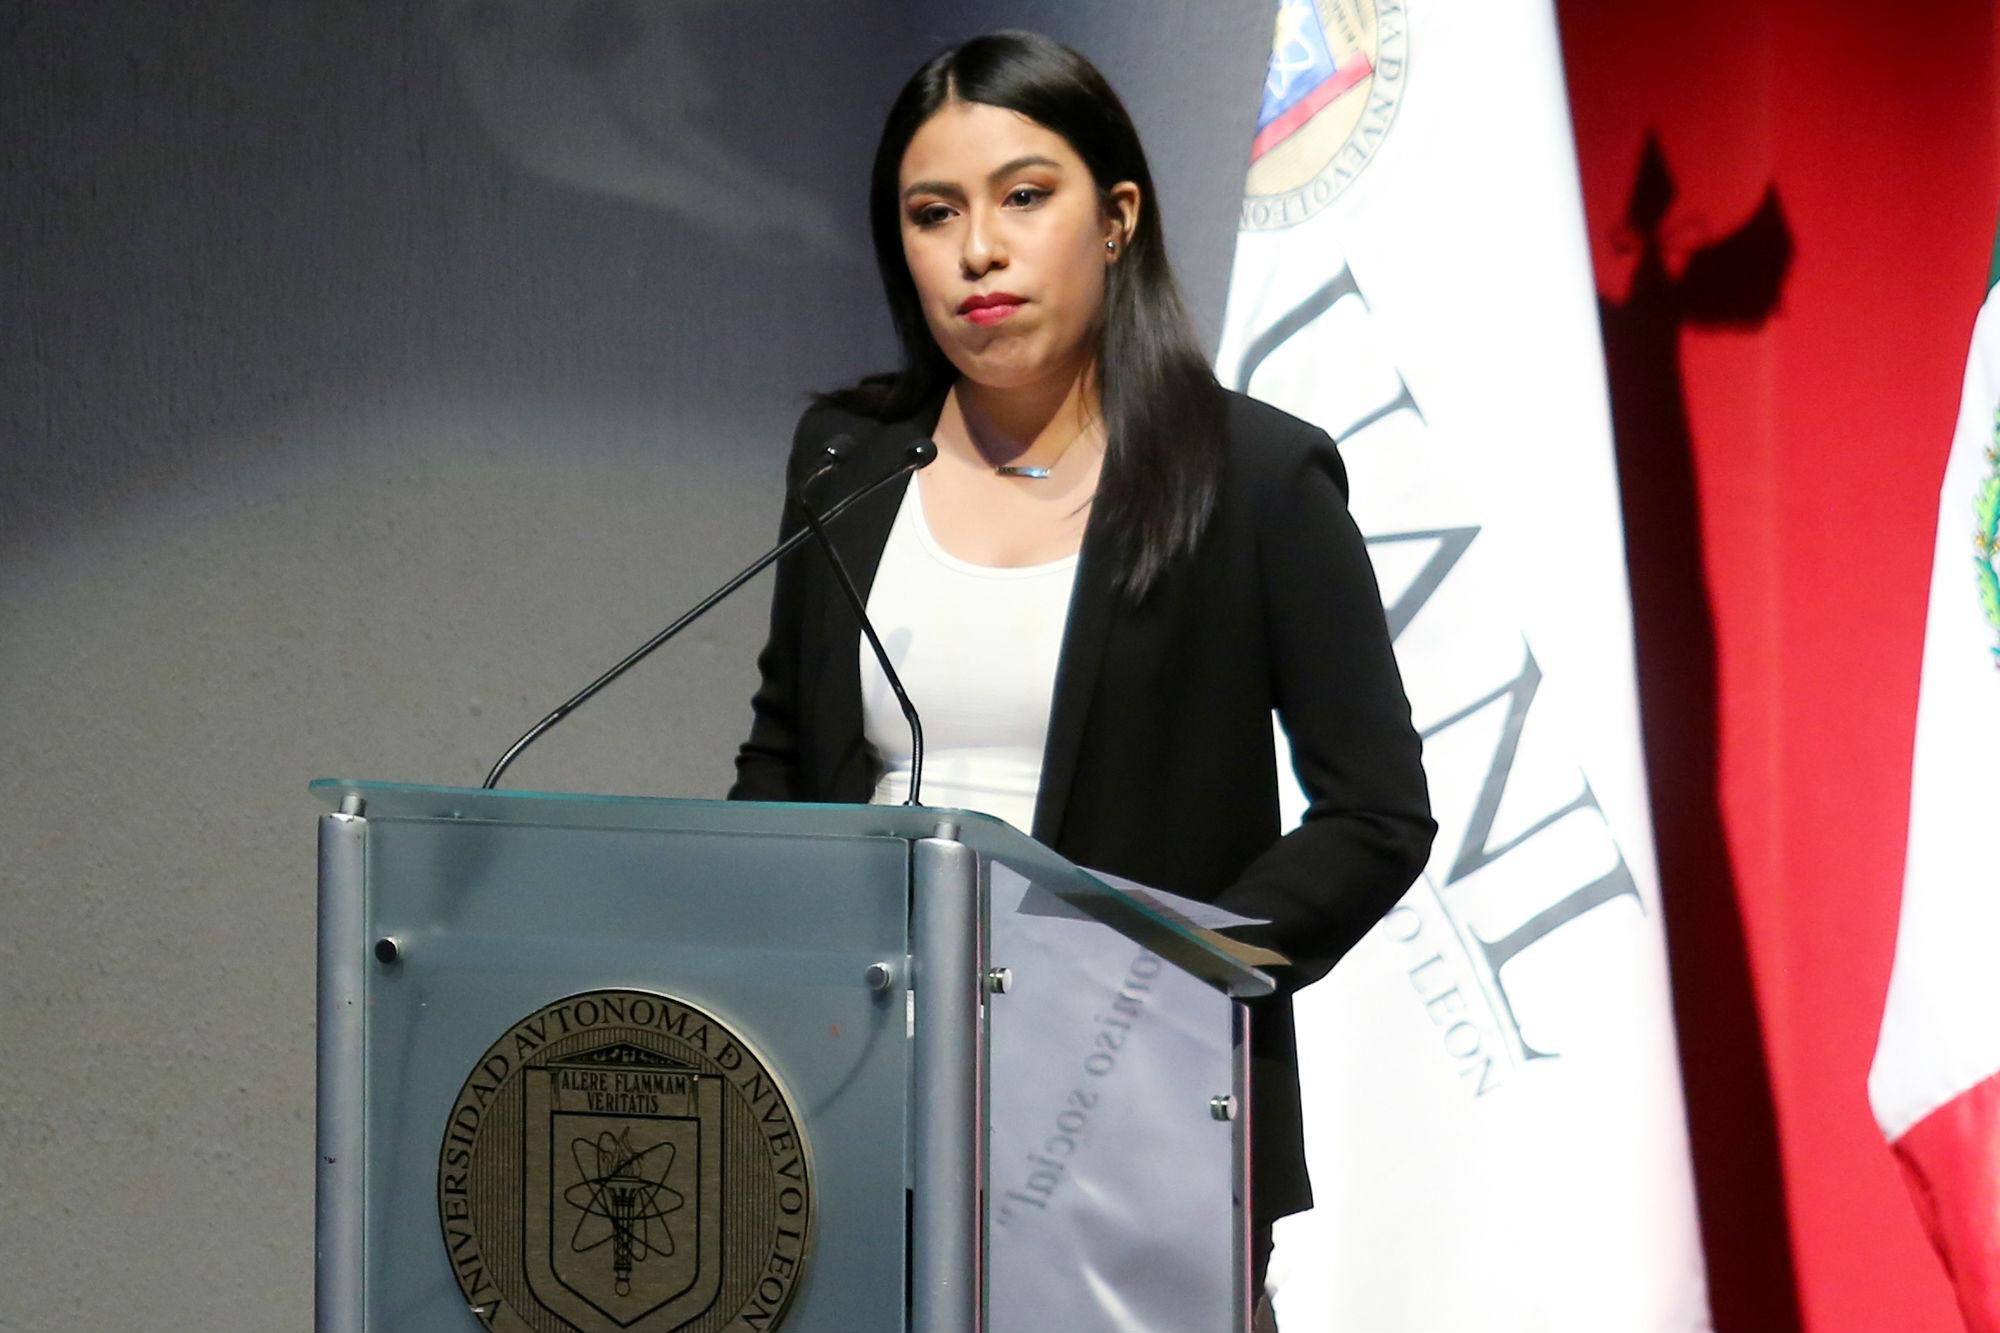 Verónica Cedillo Silva, de la Facultad de Ciencias Políticas y Administración Pública, habló sobre su intercambio a Corea del Su